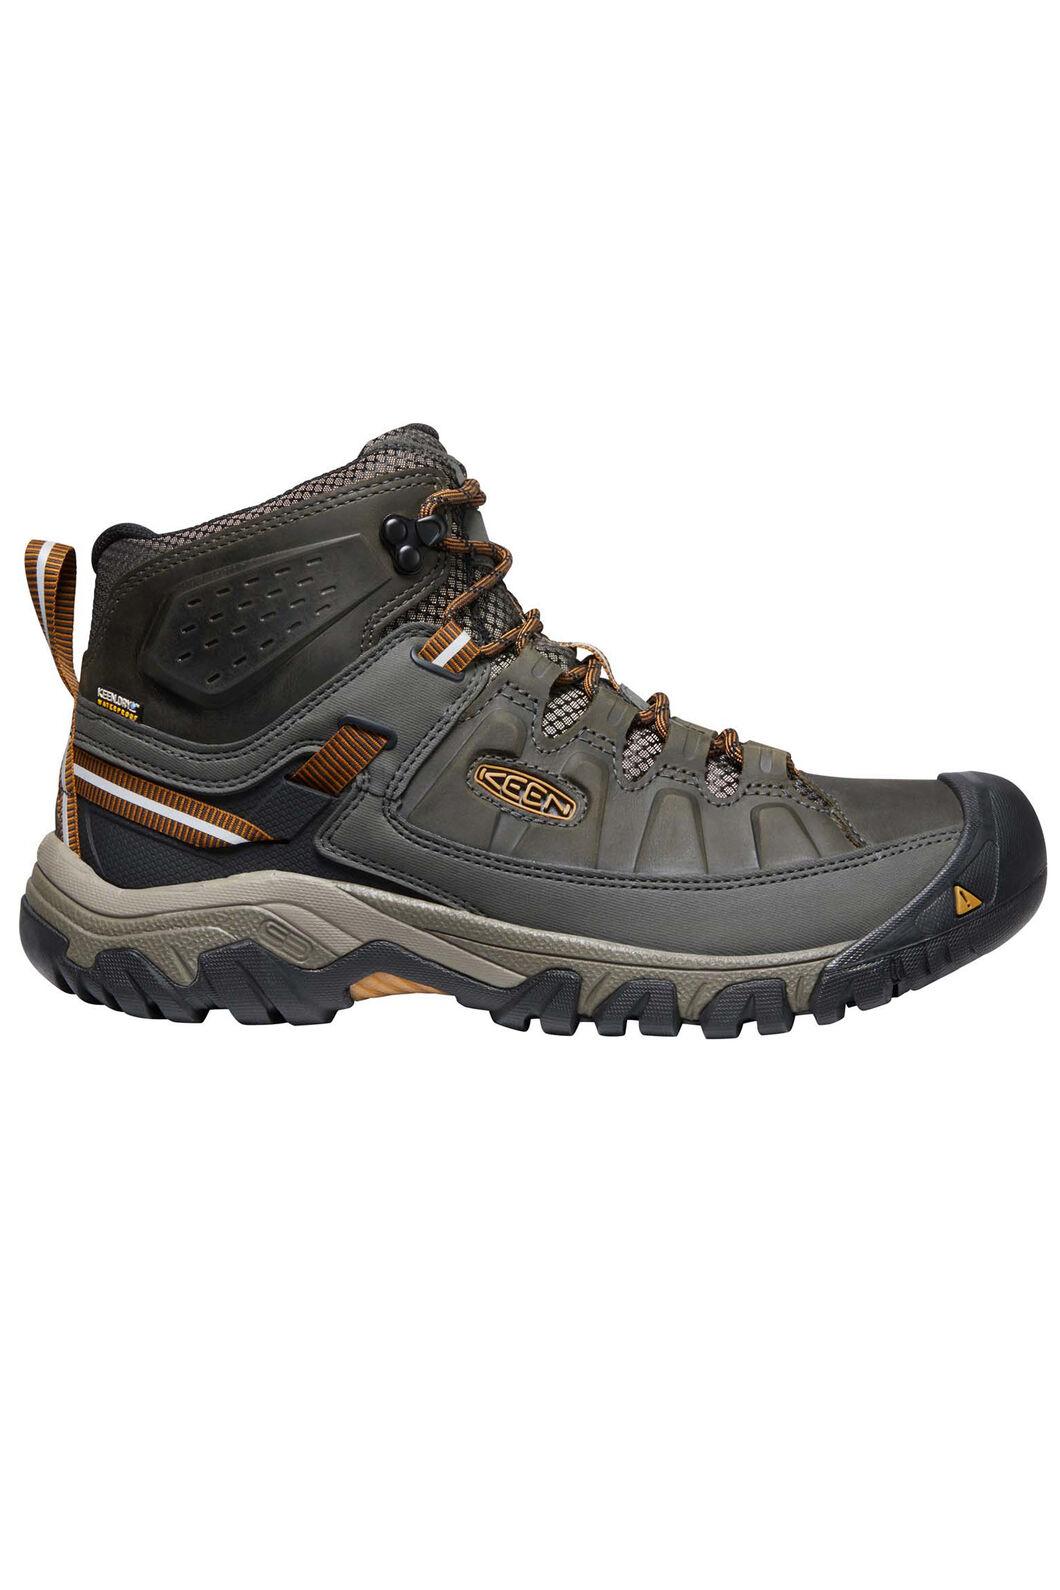 KEEN Men's Targhee III Mid WP Hiking Boots, Black Olive/Golden Brown, hi-res